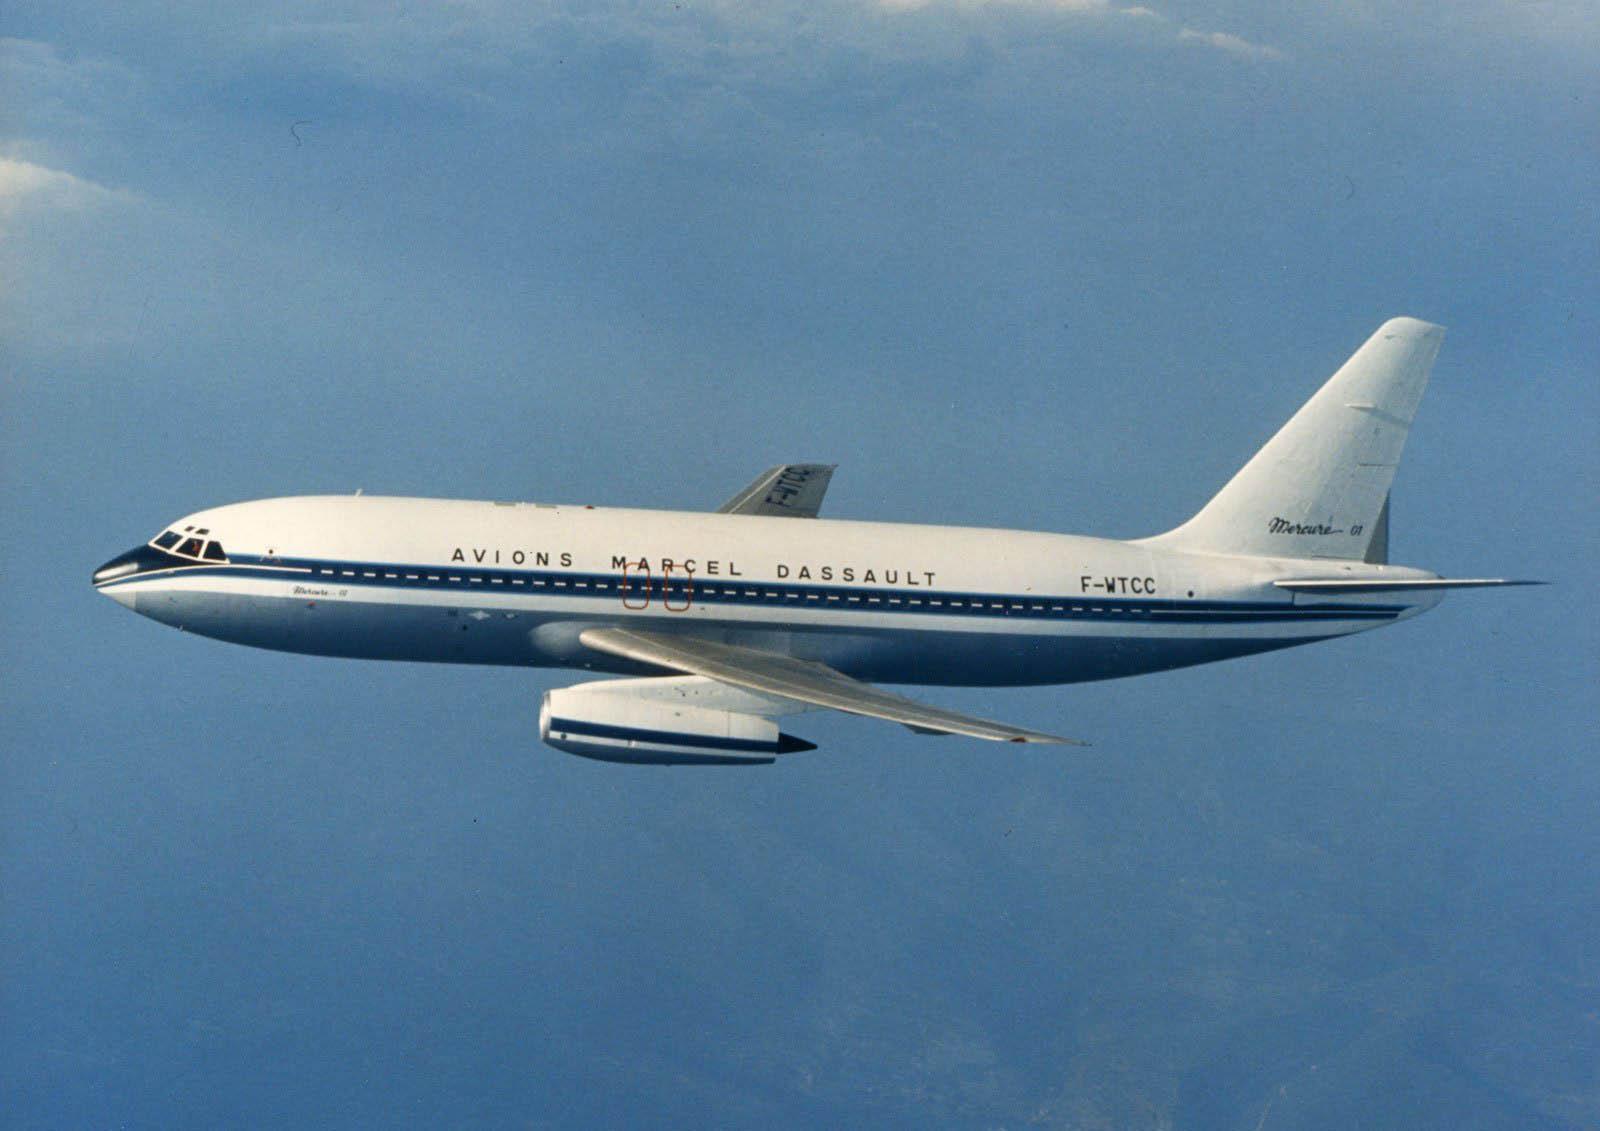 """Le Mercure, """"avions Marcel Dassault"""" bénéficie des optimisations numériques des débuts de la CFAO."""